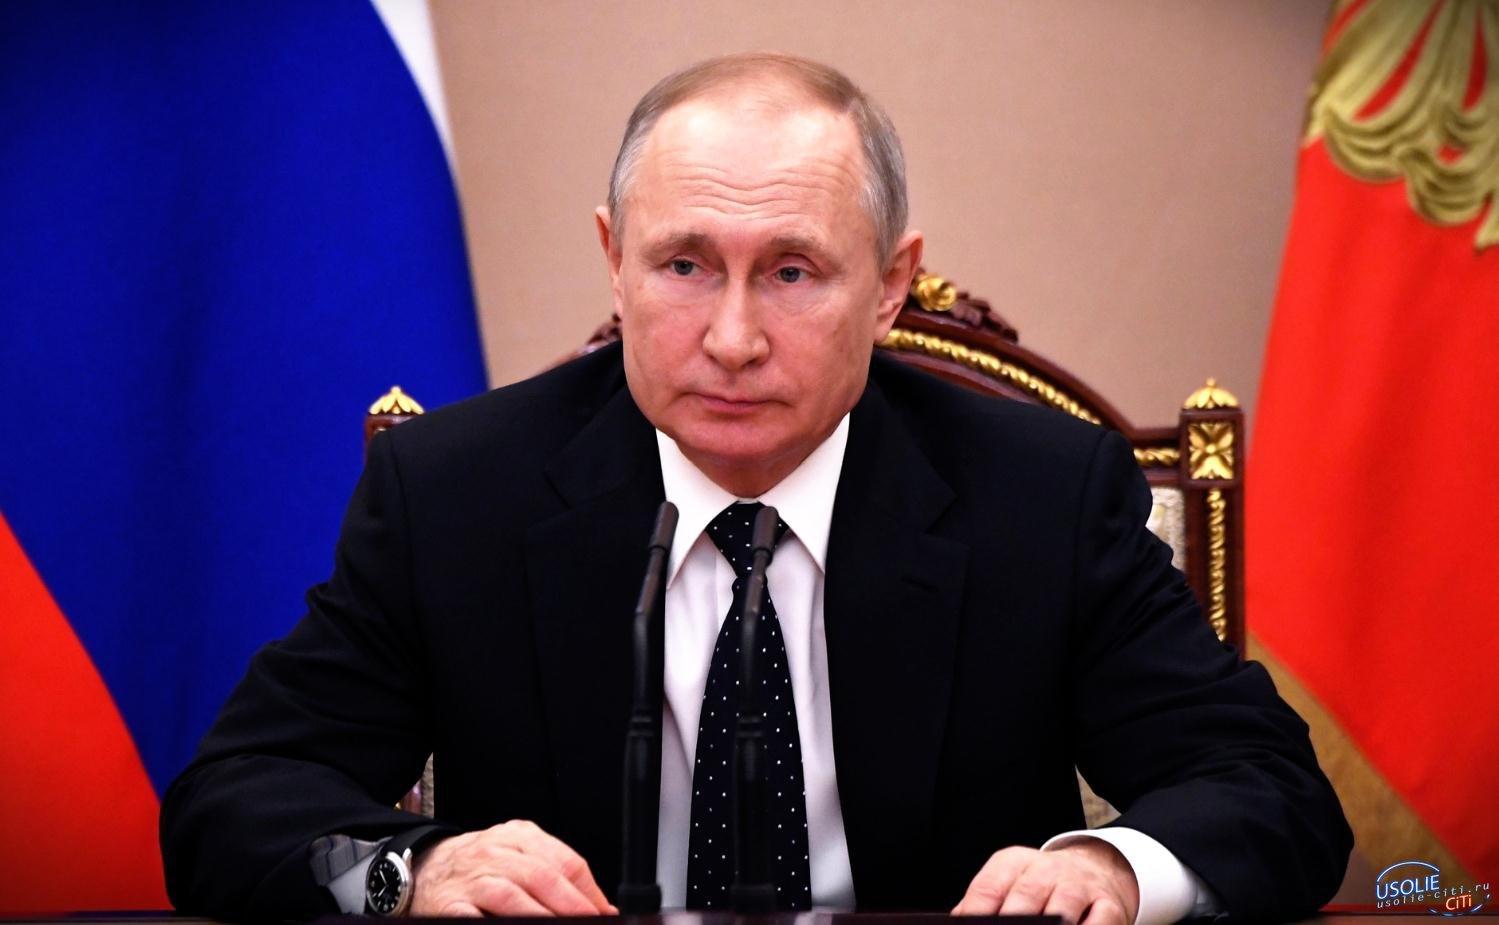 Владимир Путин говорил об экологической ситуации в Усолье